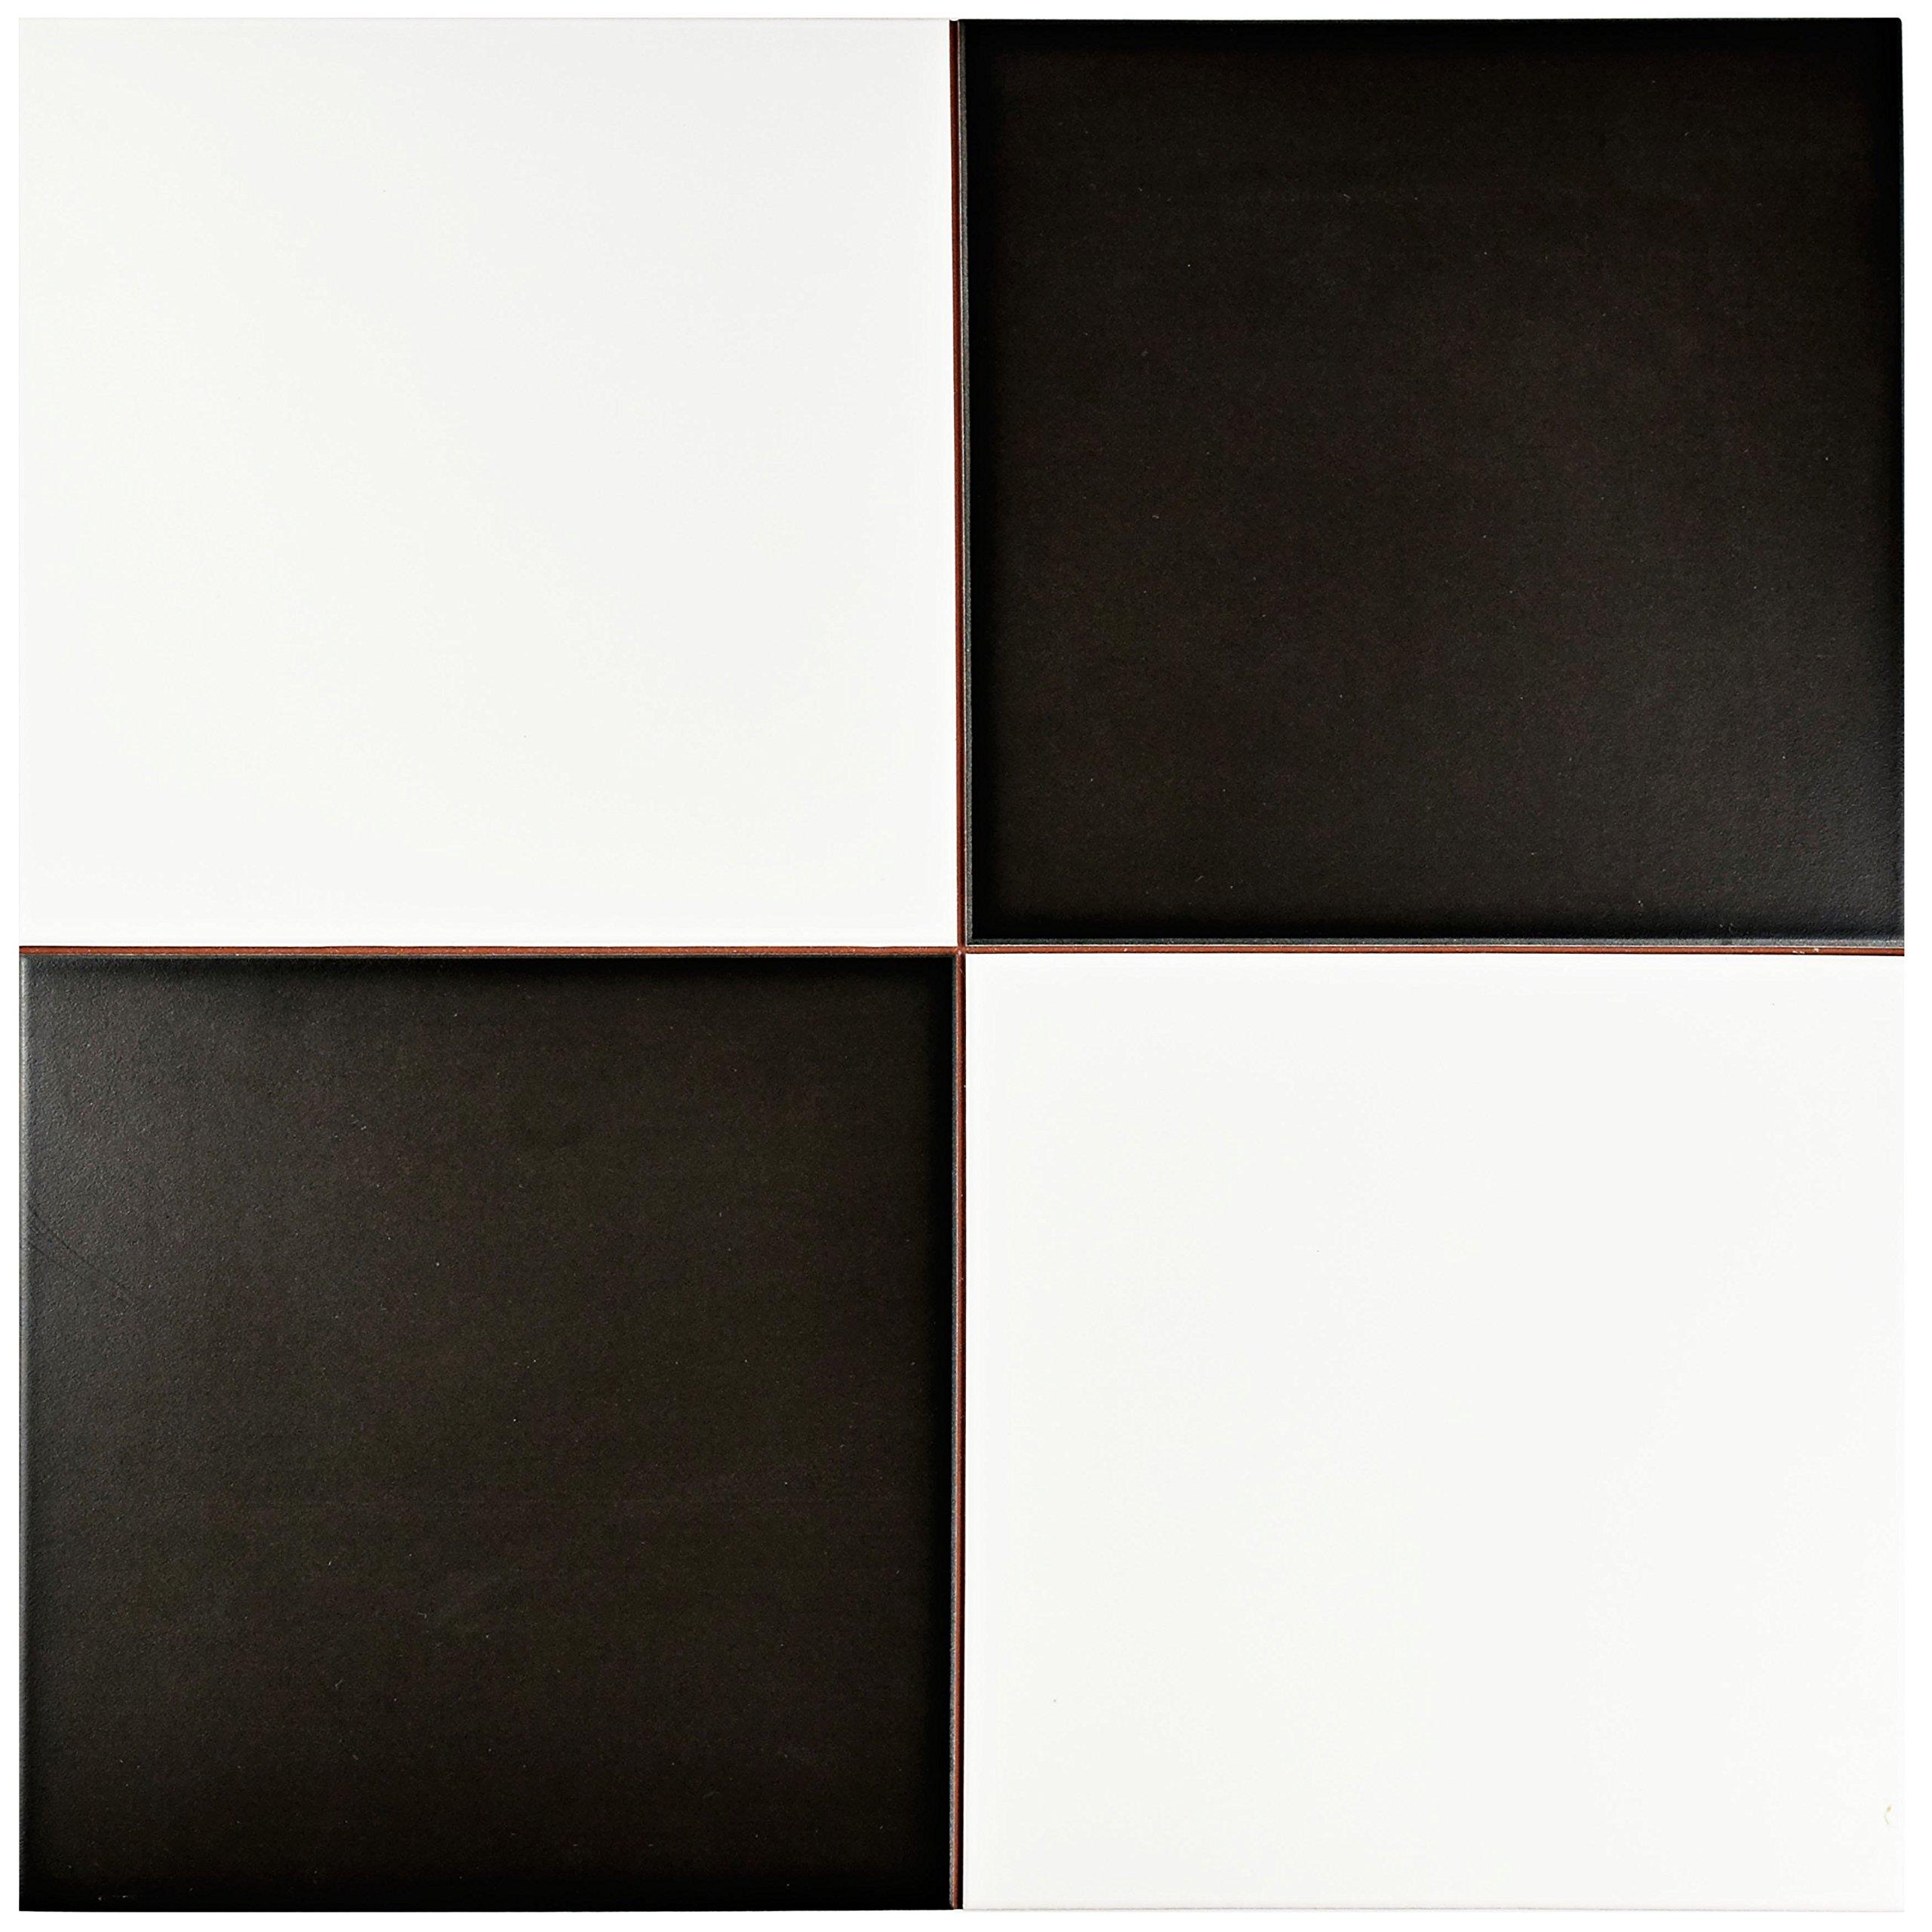 SomerTile FPECKR Noire Ceramic Floor and Wall Tile, 17.625'' x 17.625'', White/Black